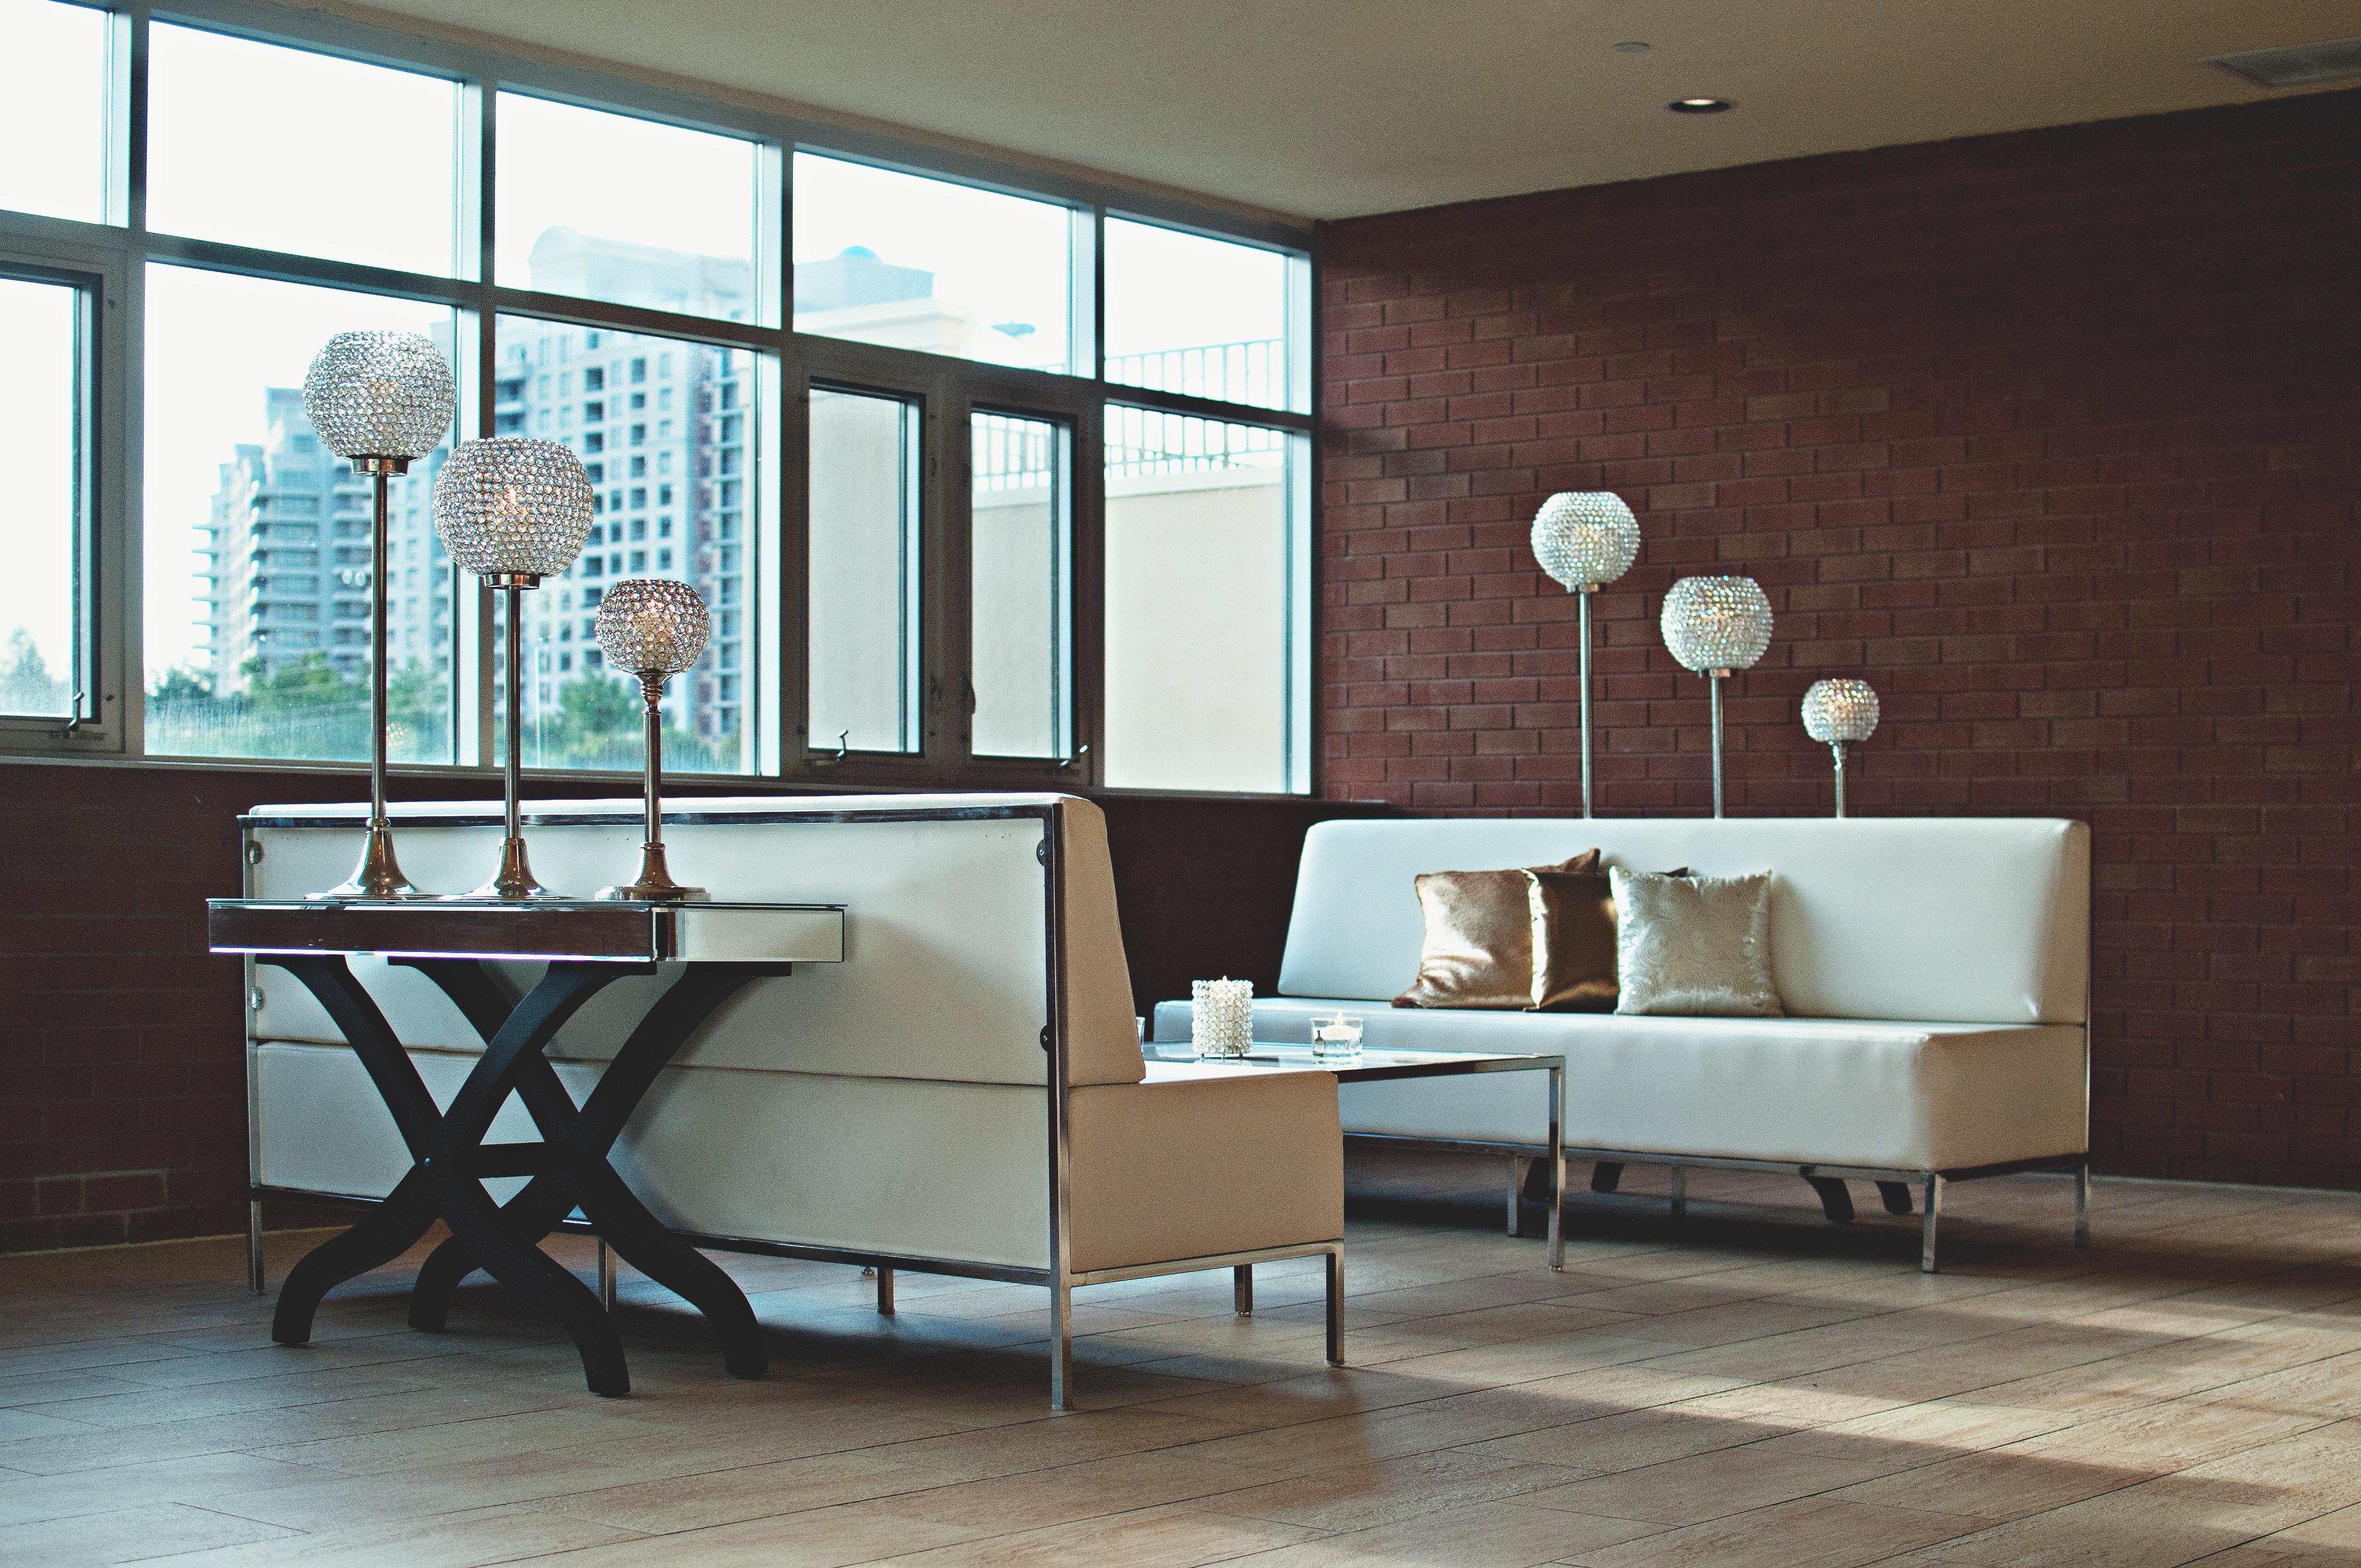 sala mueble habitacin sof apartamento moderno pared de ladrillo diseo de interiores adentro lujo espejo lmparas comedor